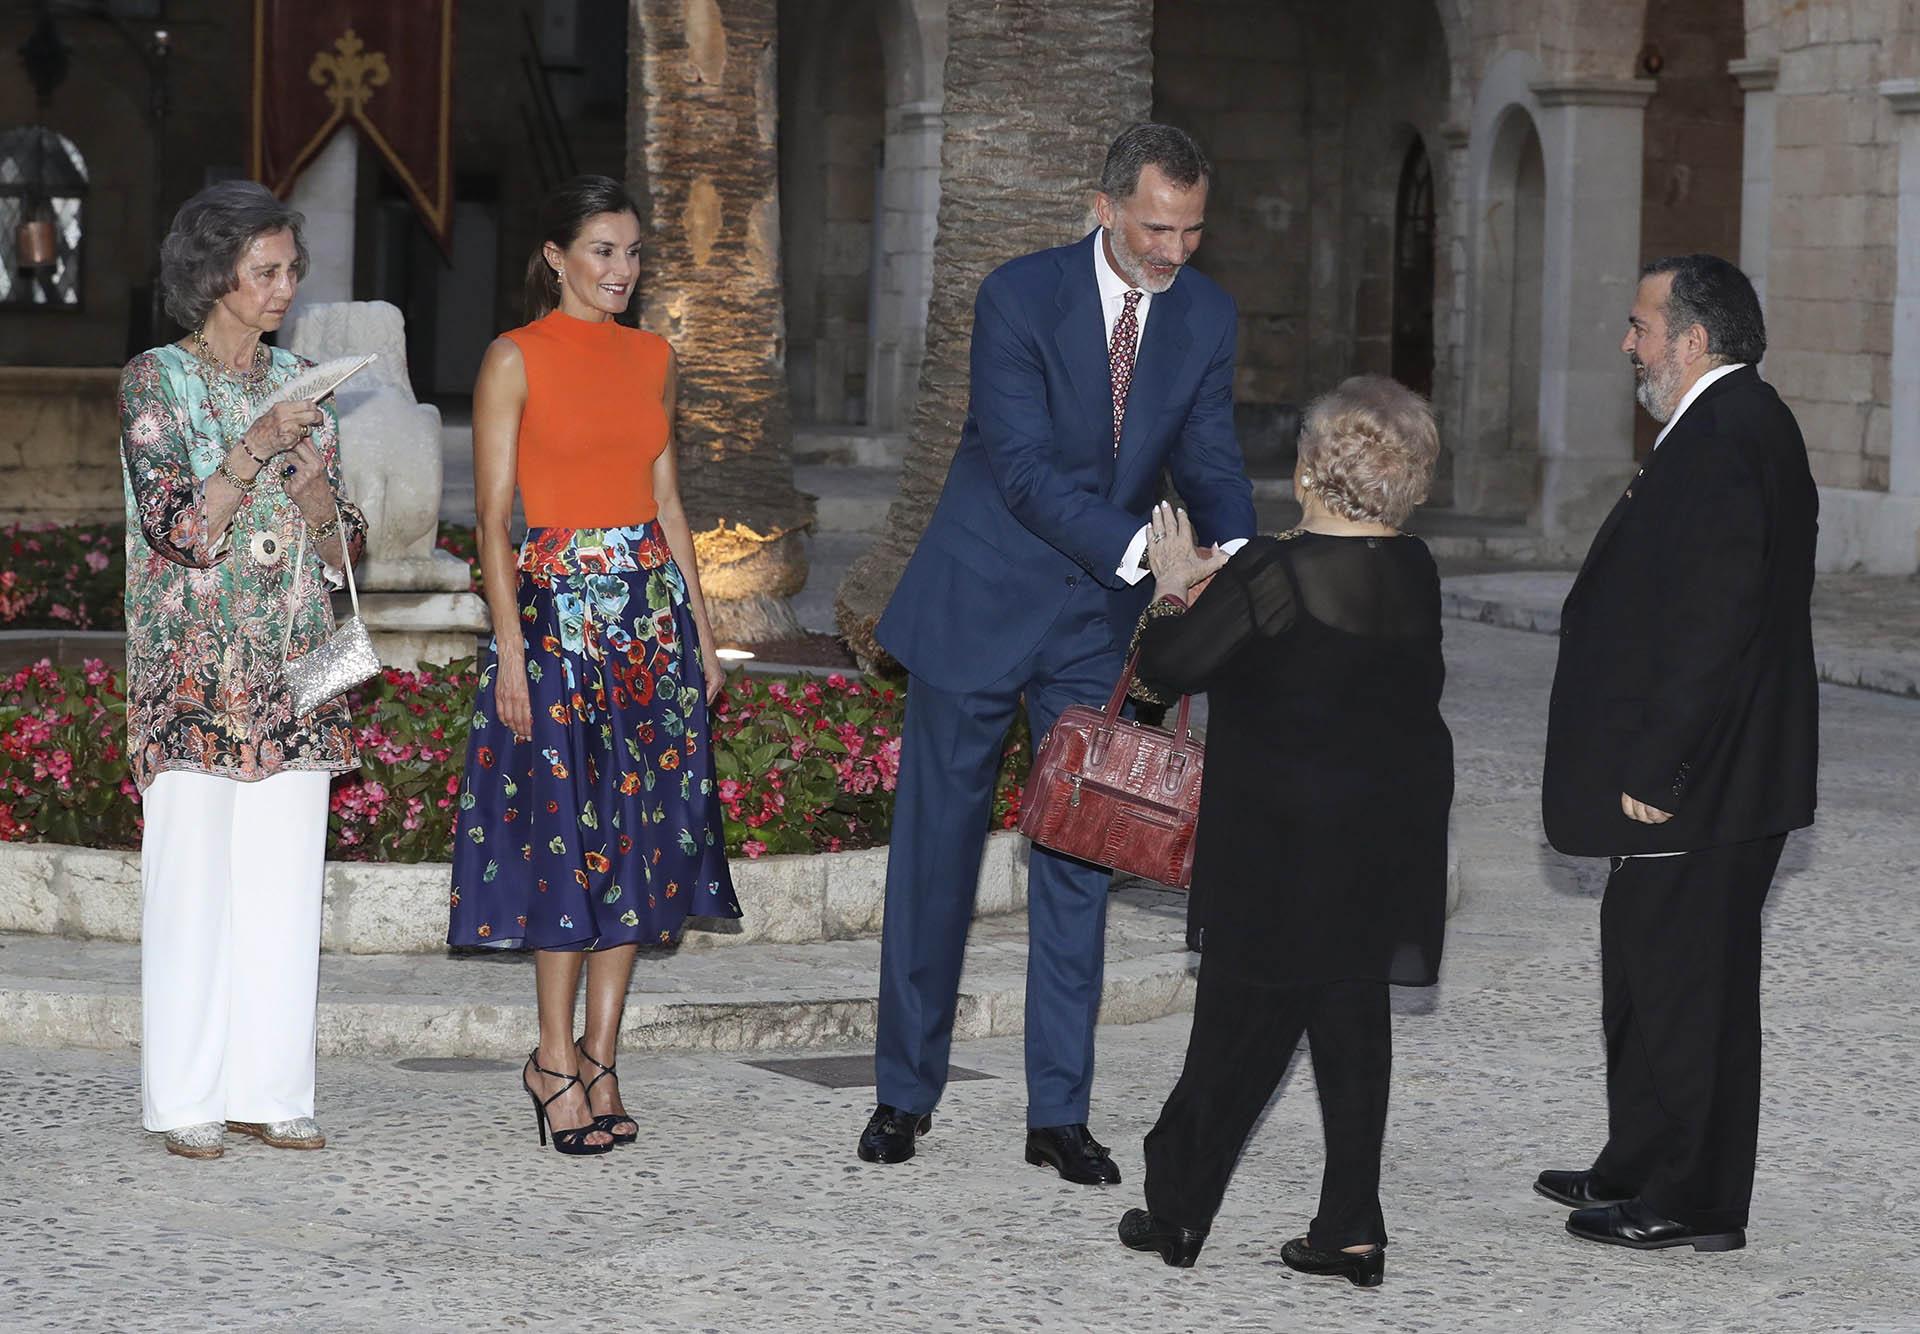 Letizia se lució con un look multicolor, que incluyó una blusa naranja de cuello alto y una amplia falda